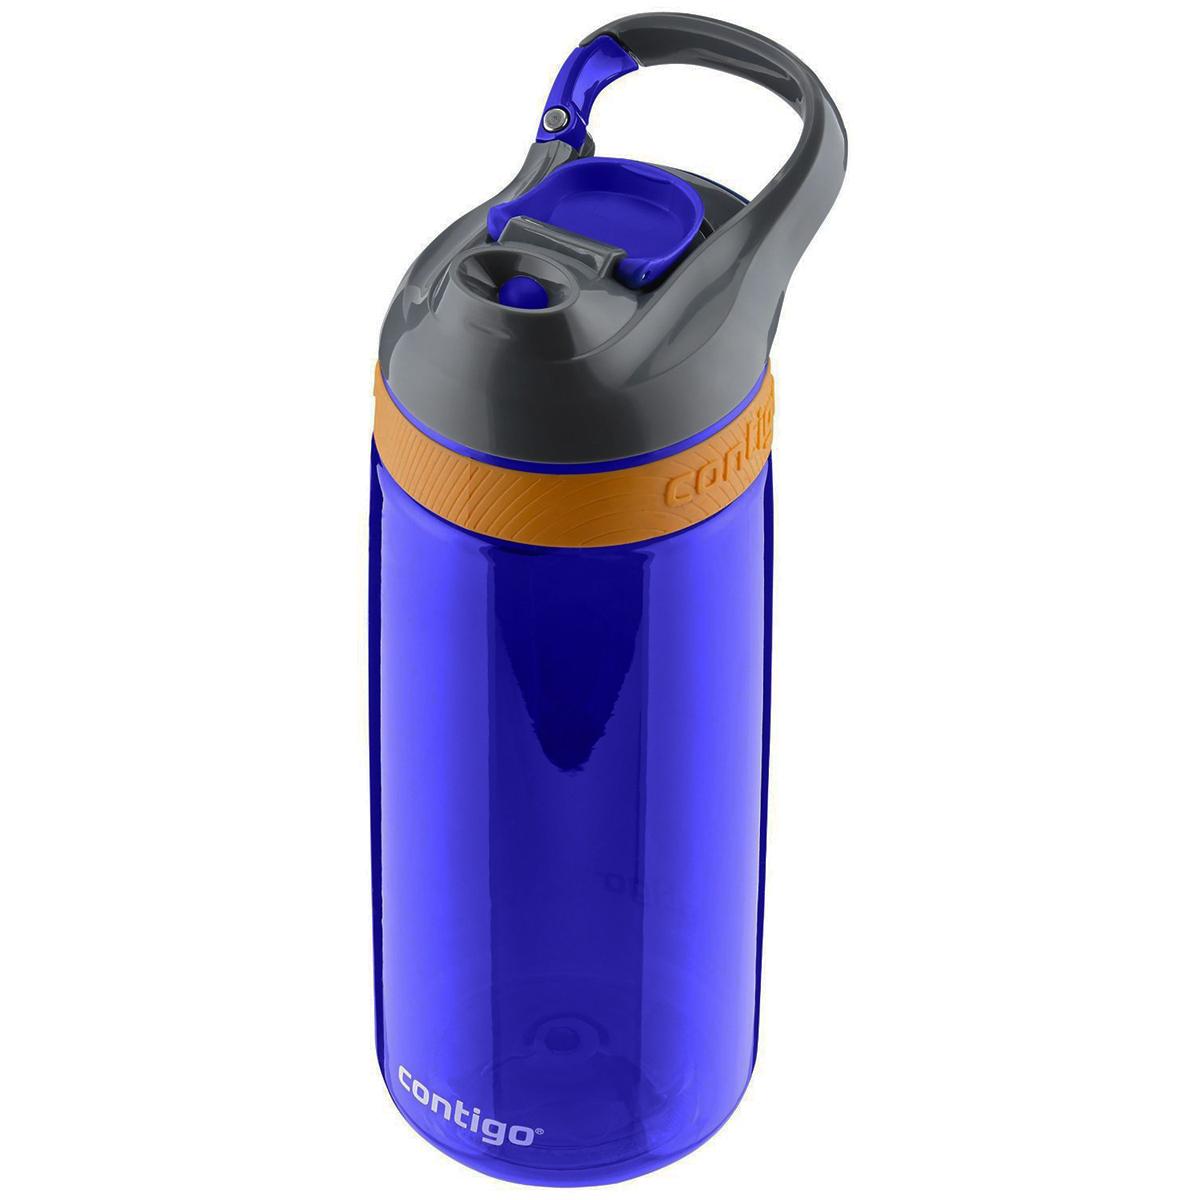 Contigo-20-oz-Kid-039-s-Courtney-AutoSeal-Water-Bottle thumbnail 24